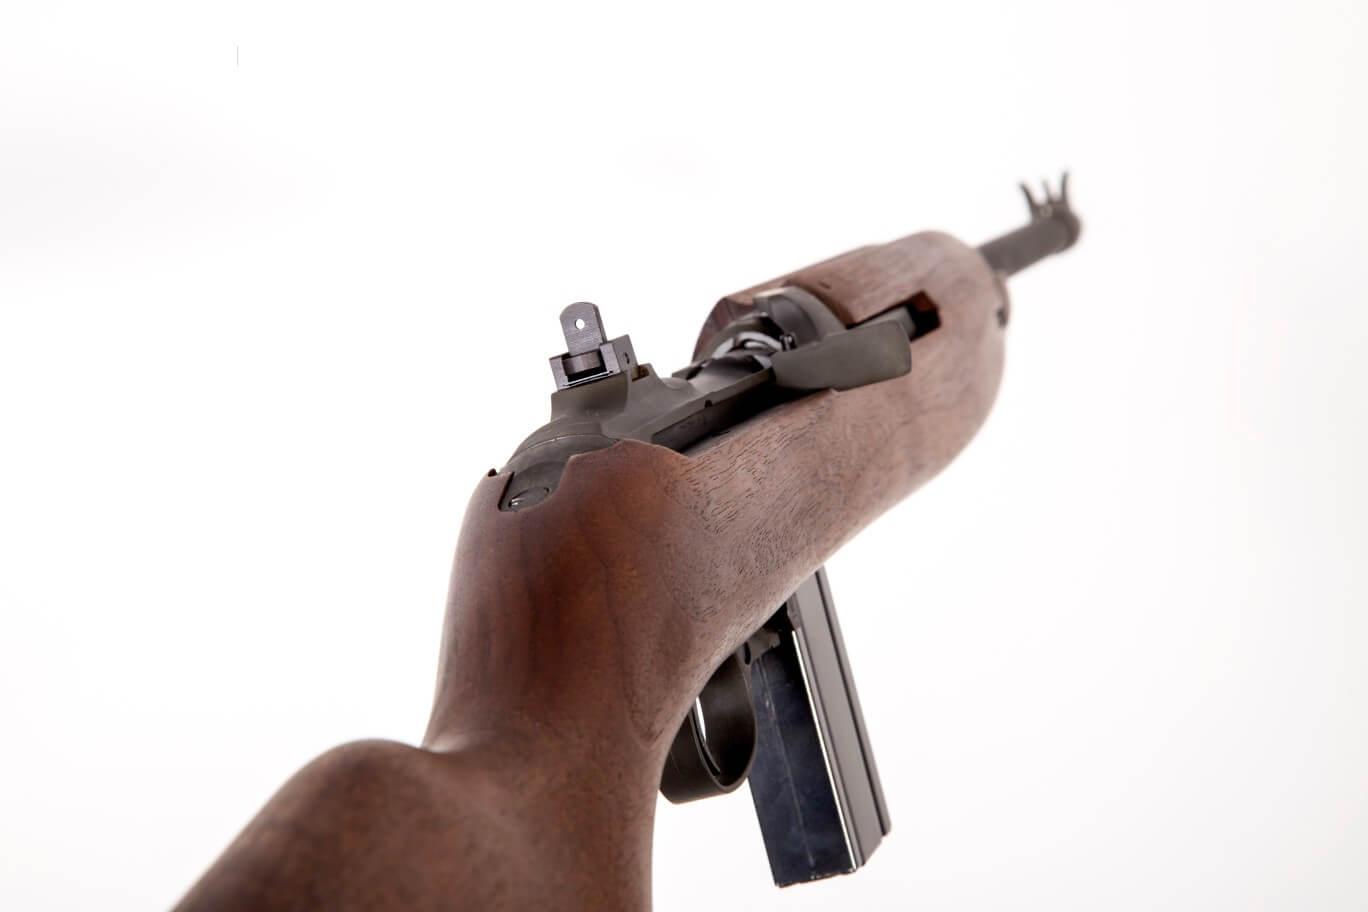 3e3aef4e16d5 Auto Ordnance M1 Carbine - Auto-Ordnance